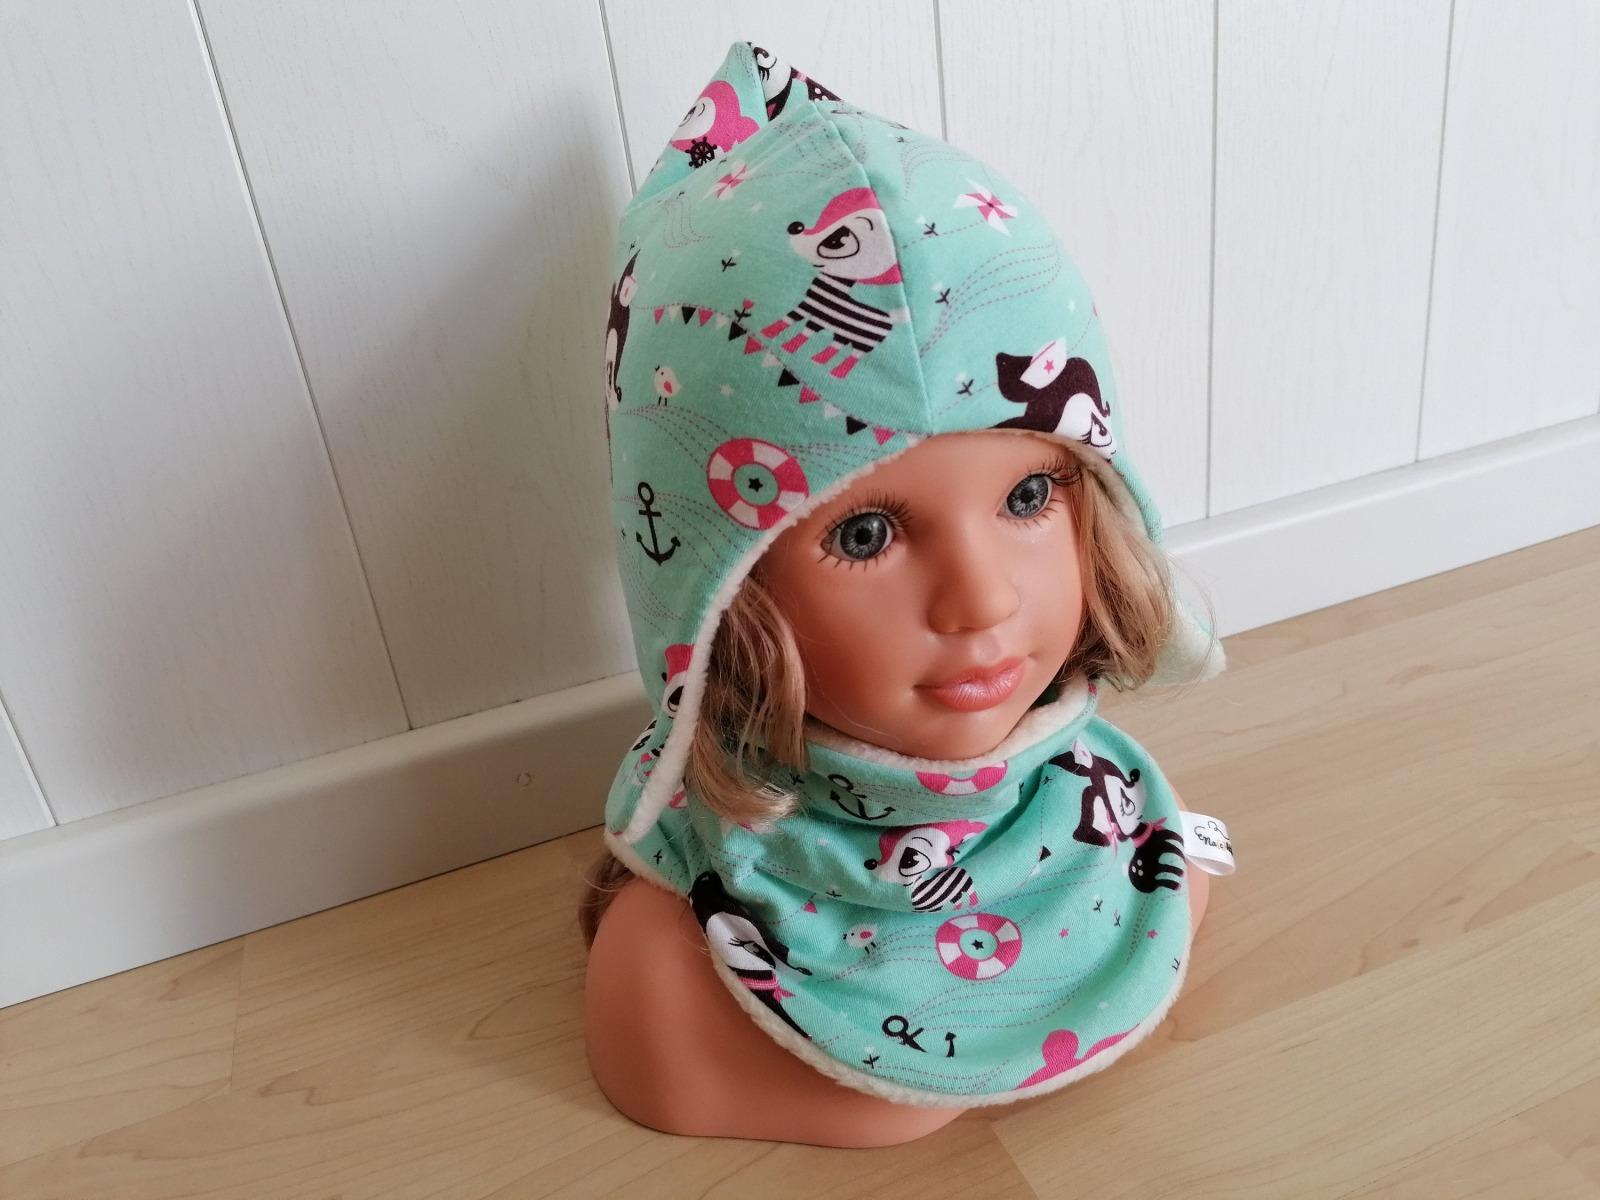 Halssocke für Babys oder Kinder mit